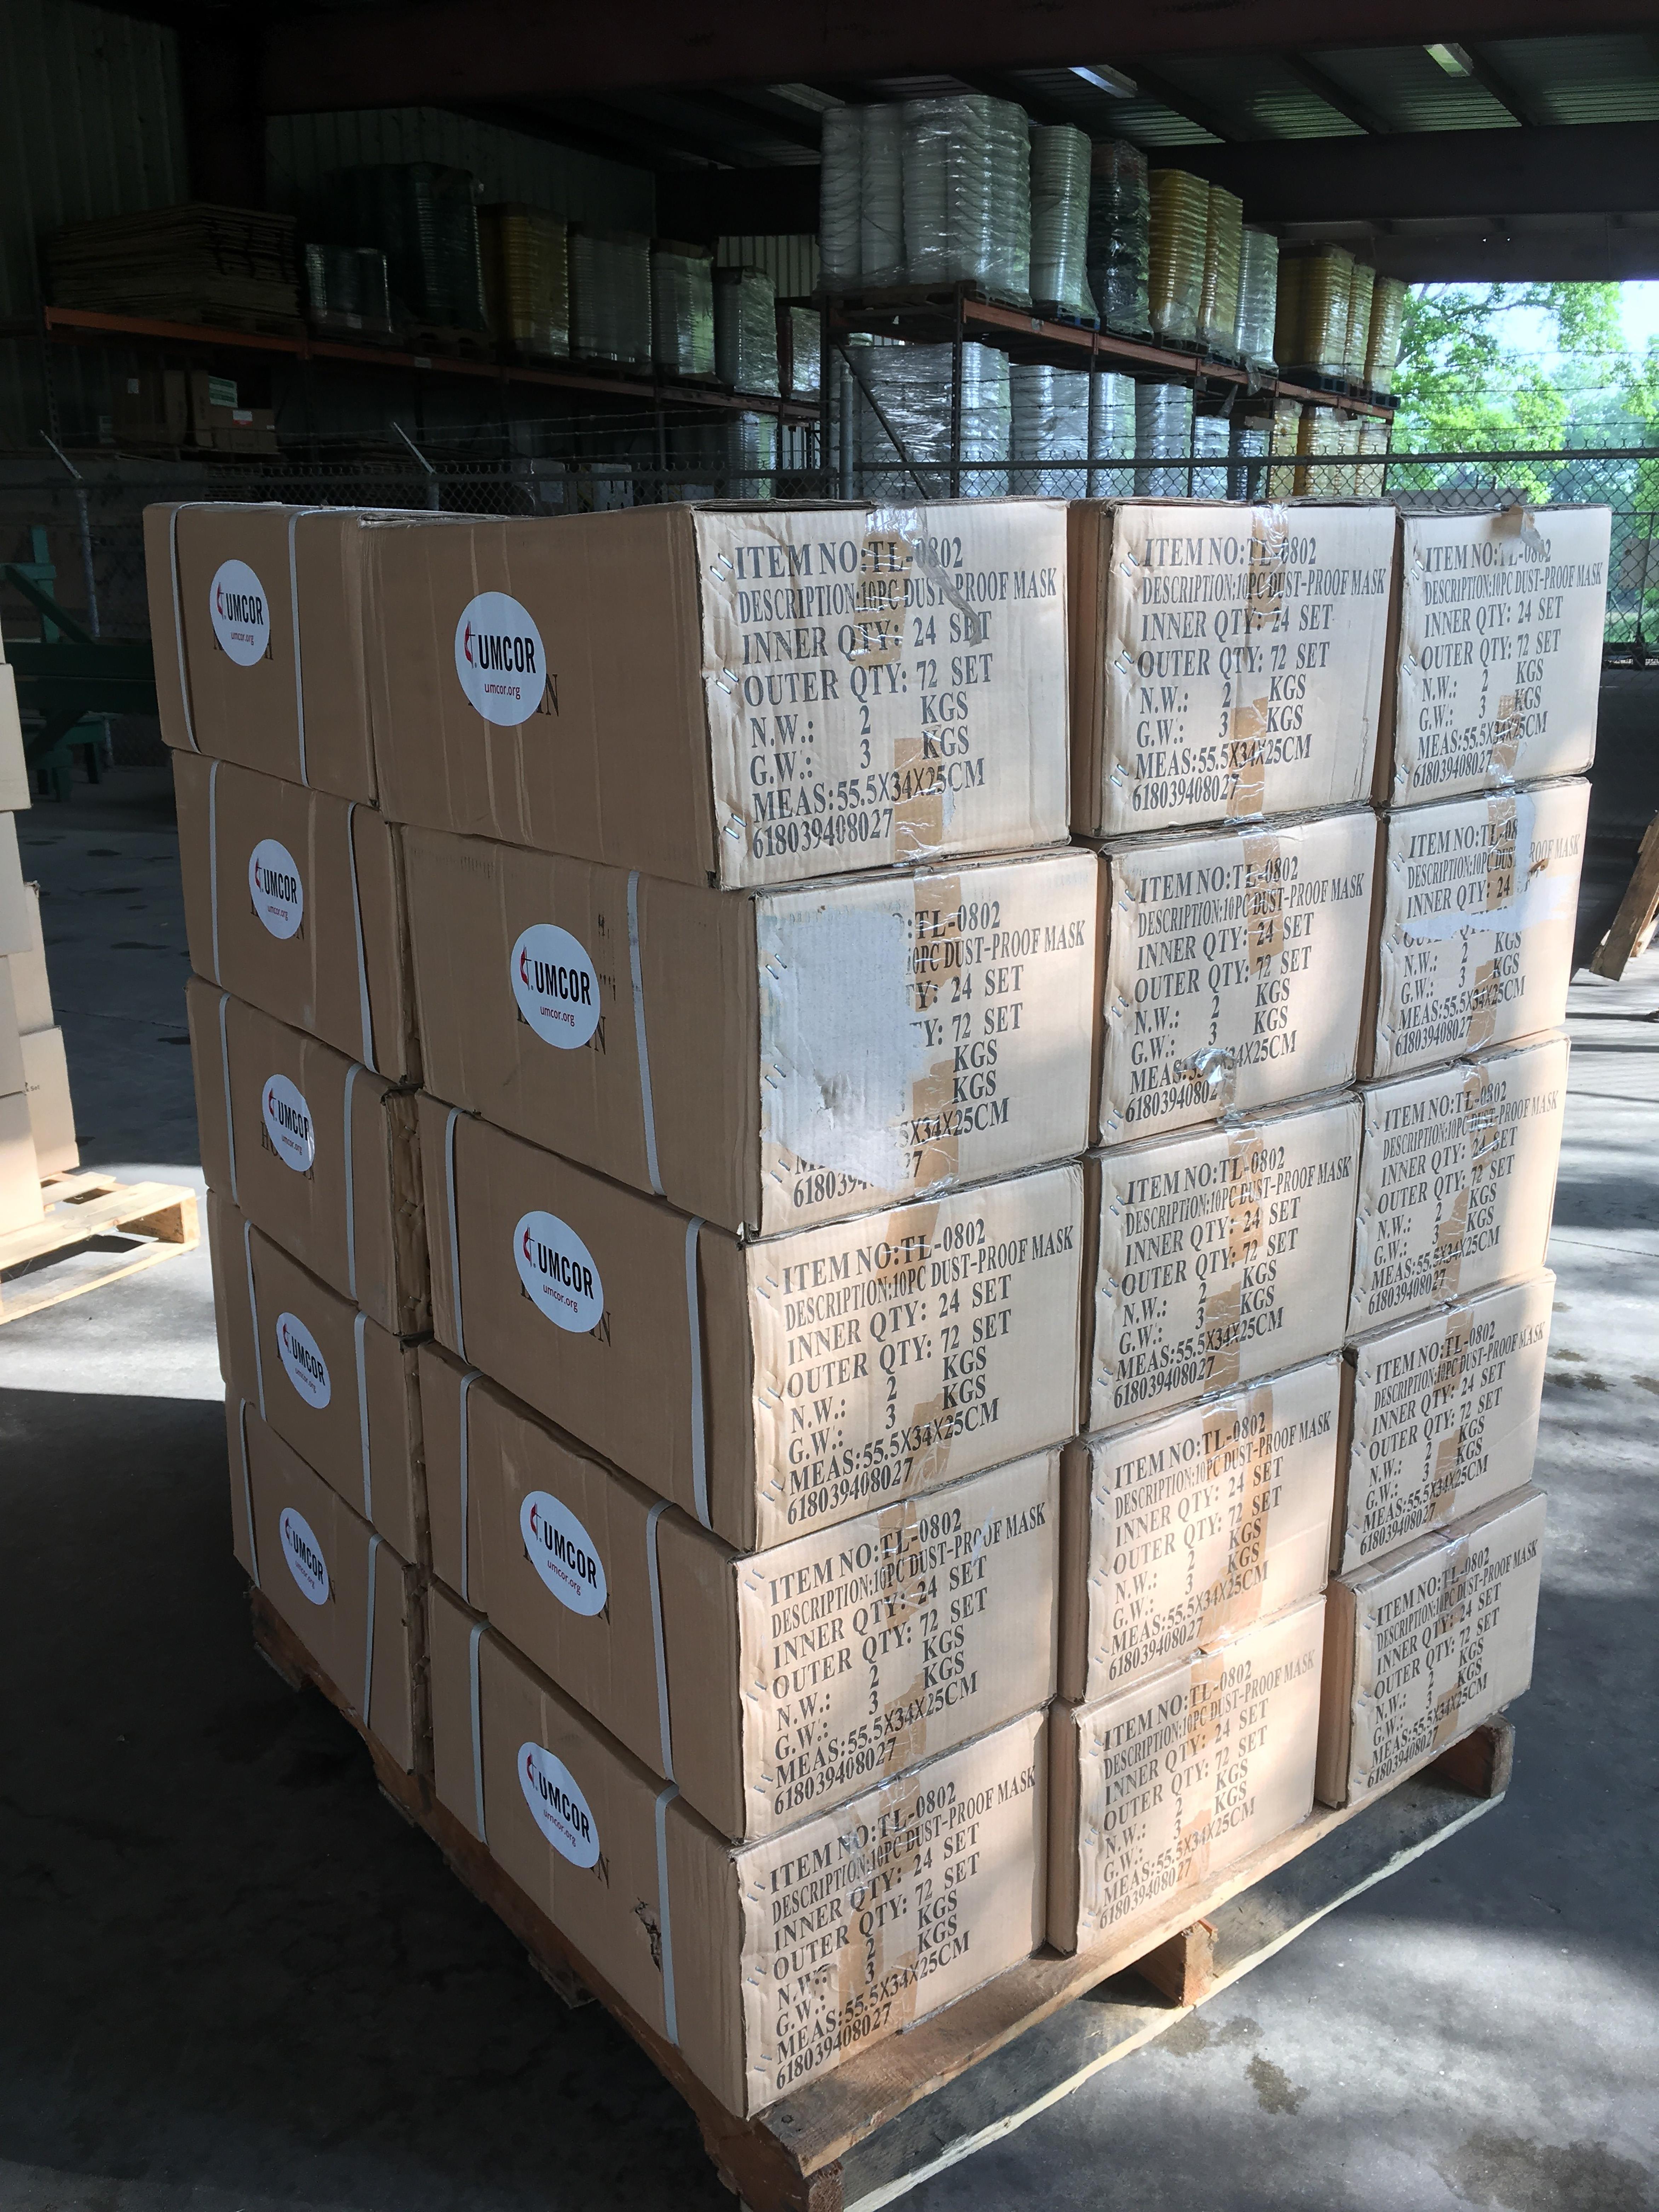 Los kits con suministros de emergencia, se están utilizando para apoyar y proteger a los socorristas y personal médico que están en la primera línea de atención a pacientes del COVID19. Foto por Amy Fuselier, GBGM.